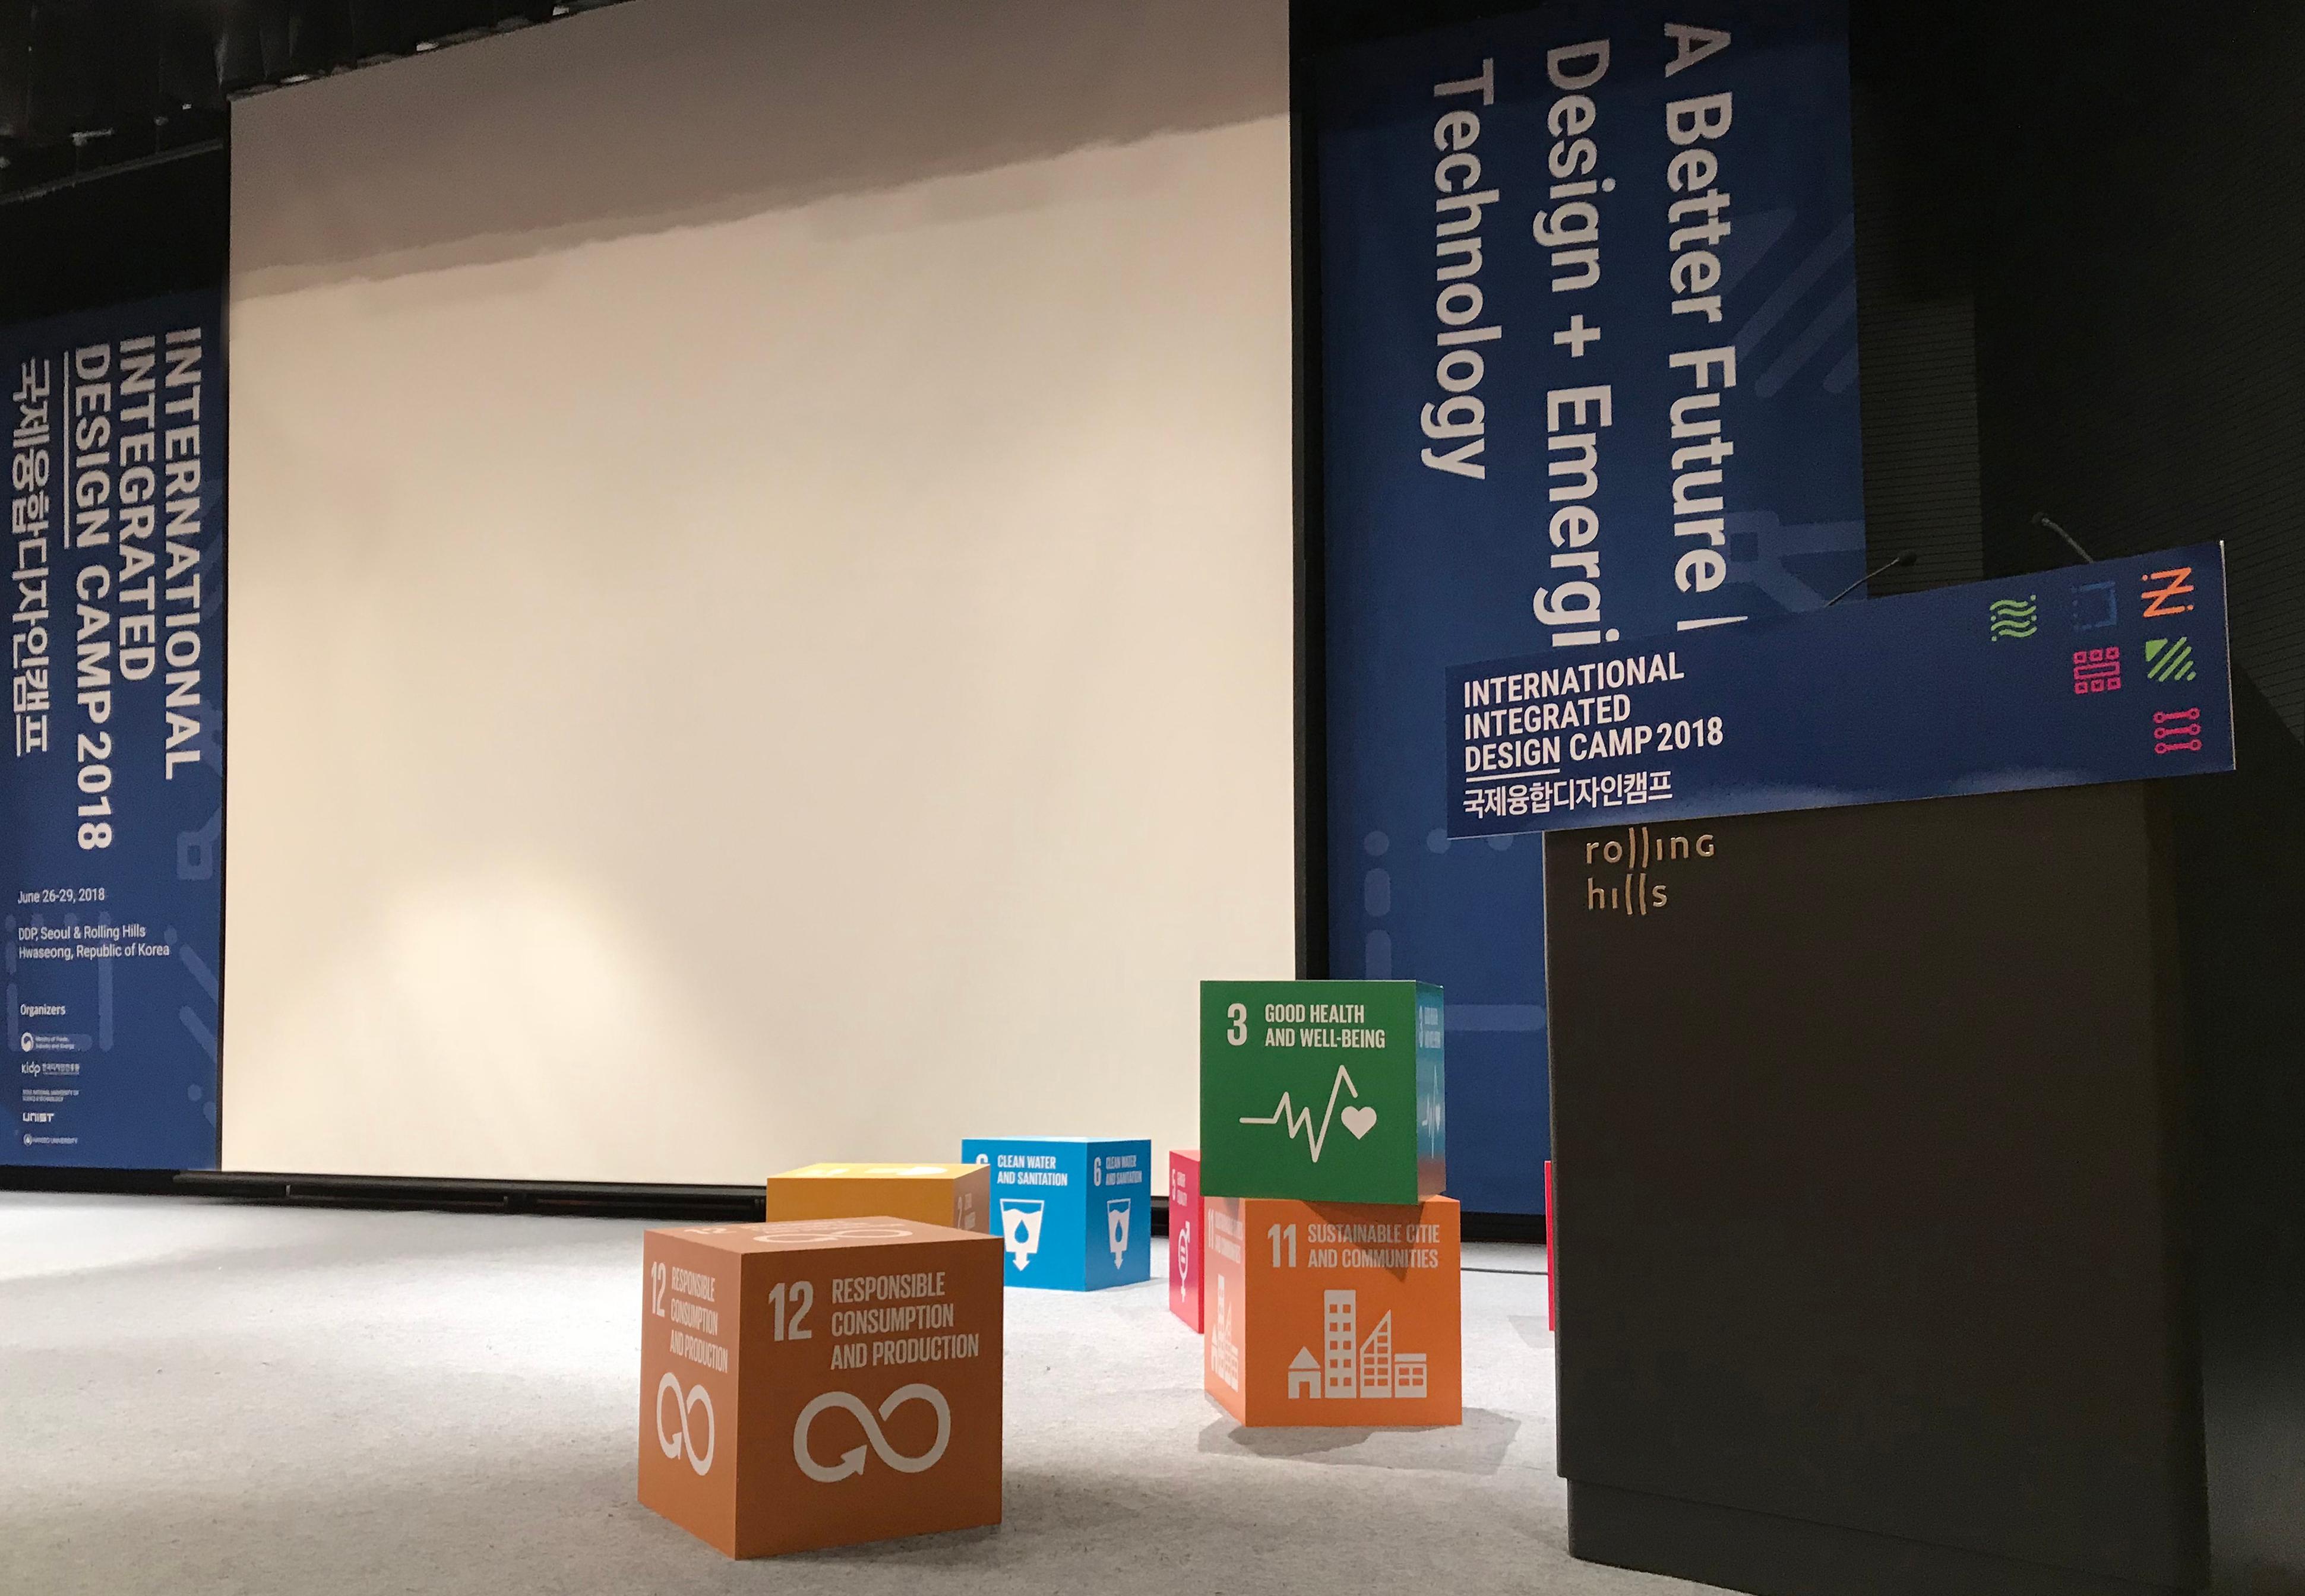 국제융합디자인캠프2018